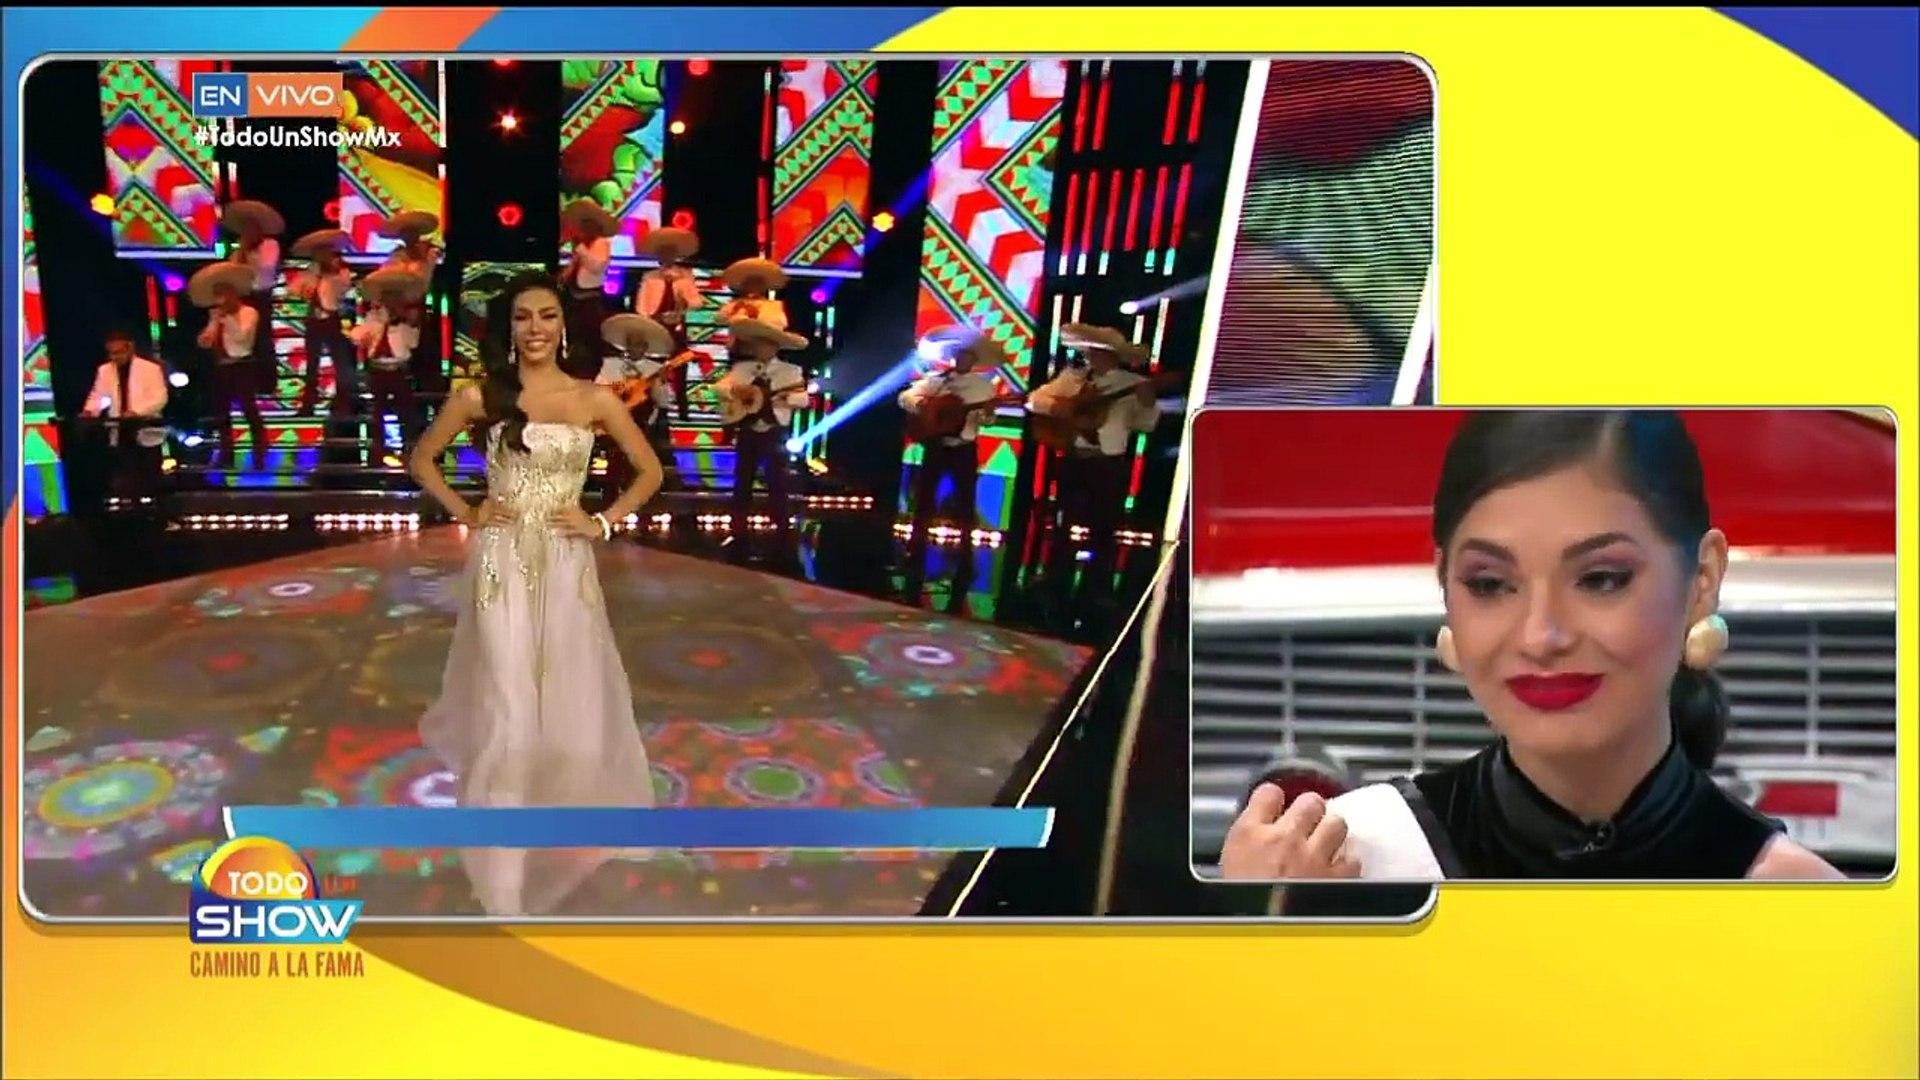 ¡Lupita Valero está destrozada por la discriminación que ha sufrido! | Todo un show